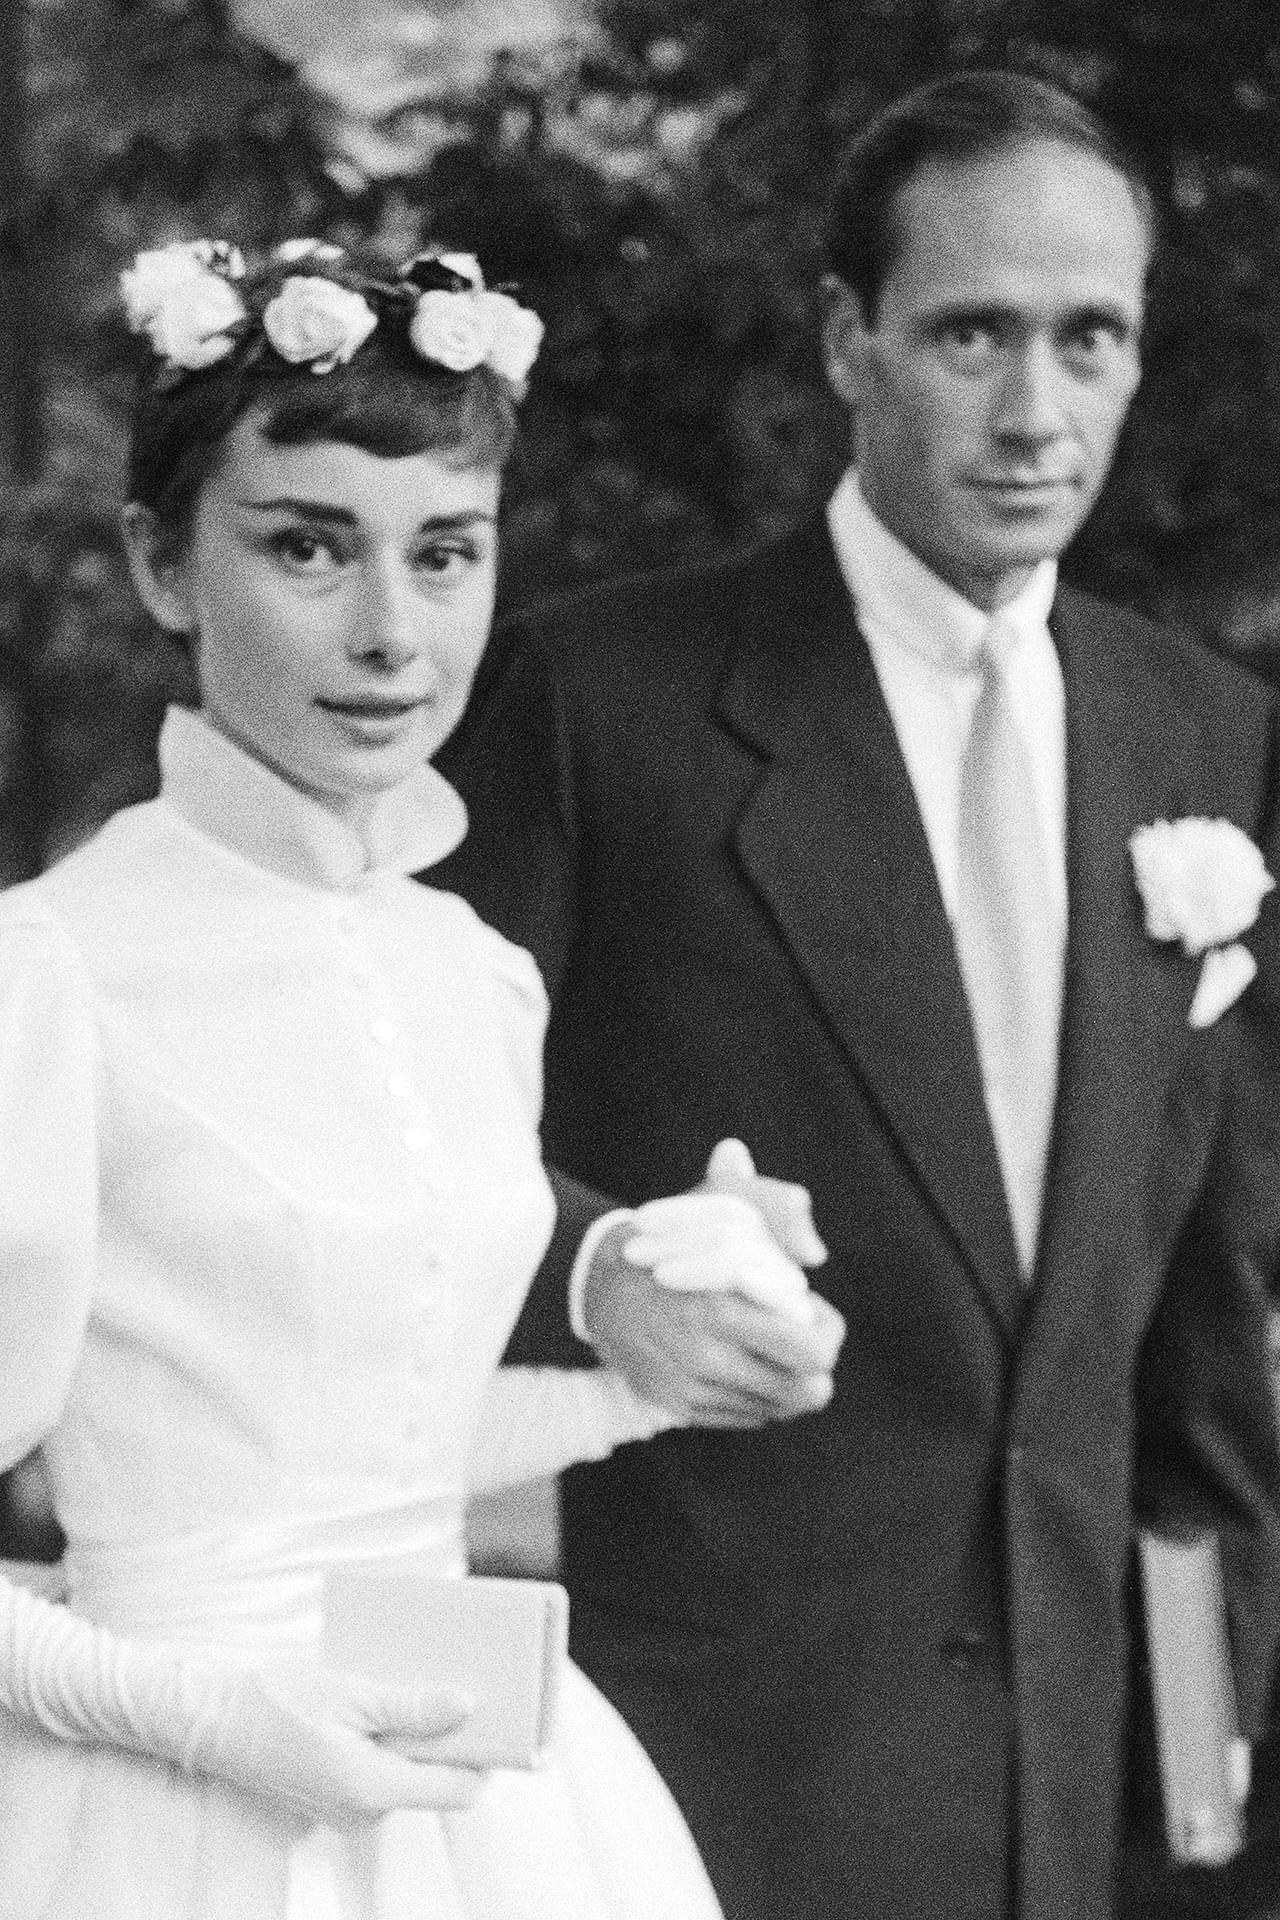 Audrey Hepburn at her wedding to Mel Ferrer September 25, 1954